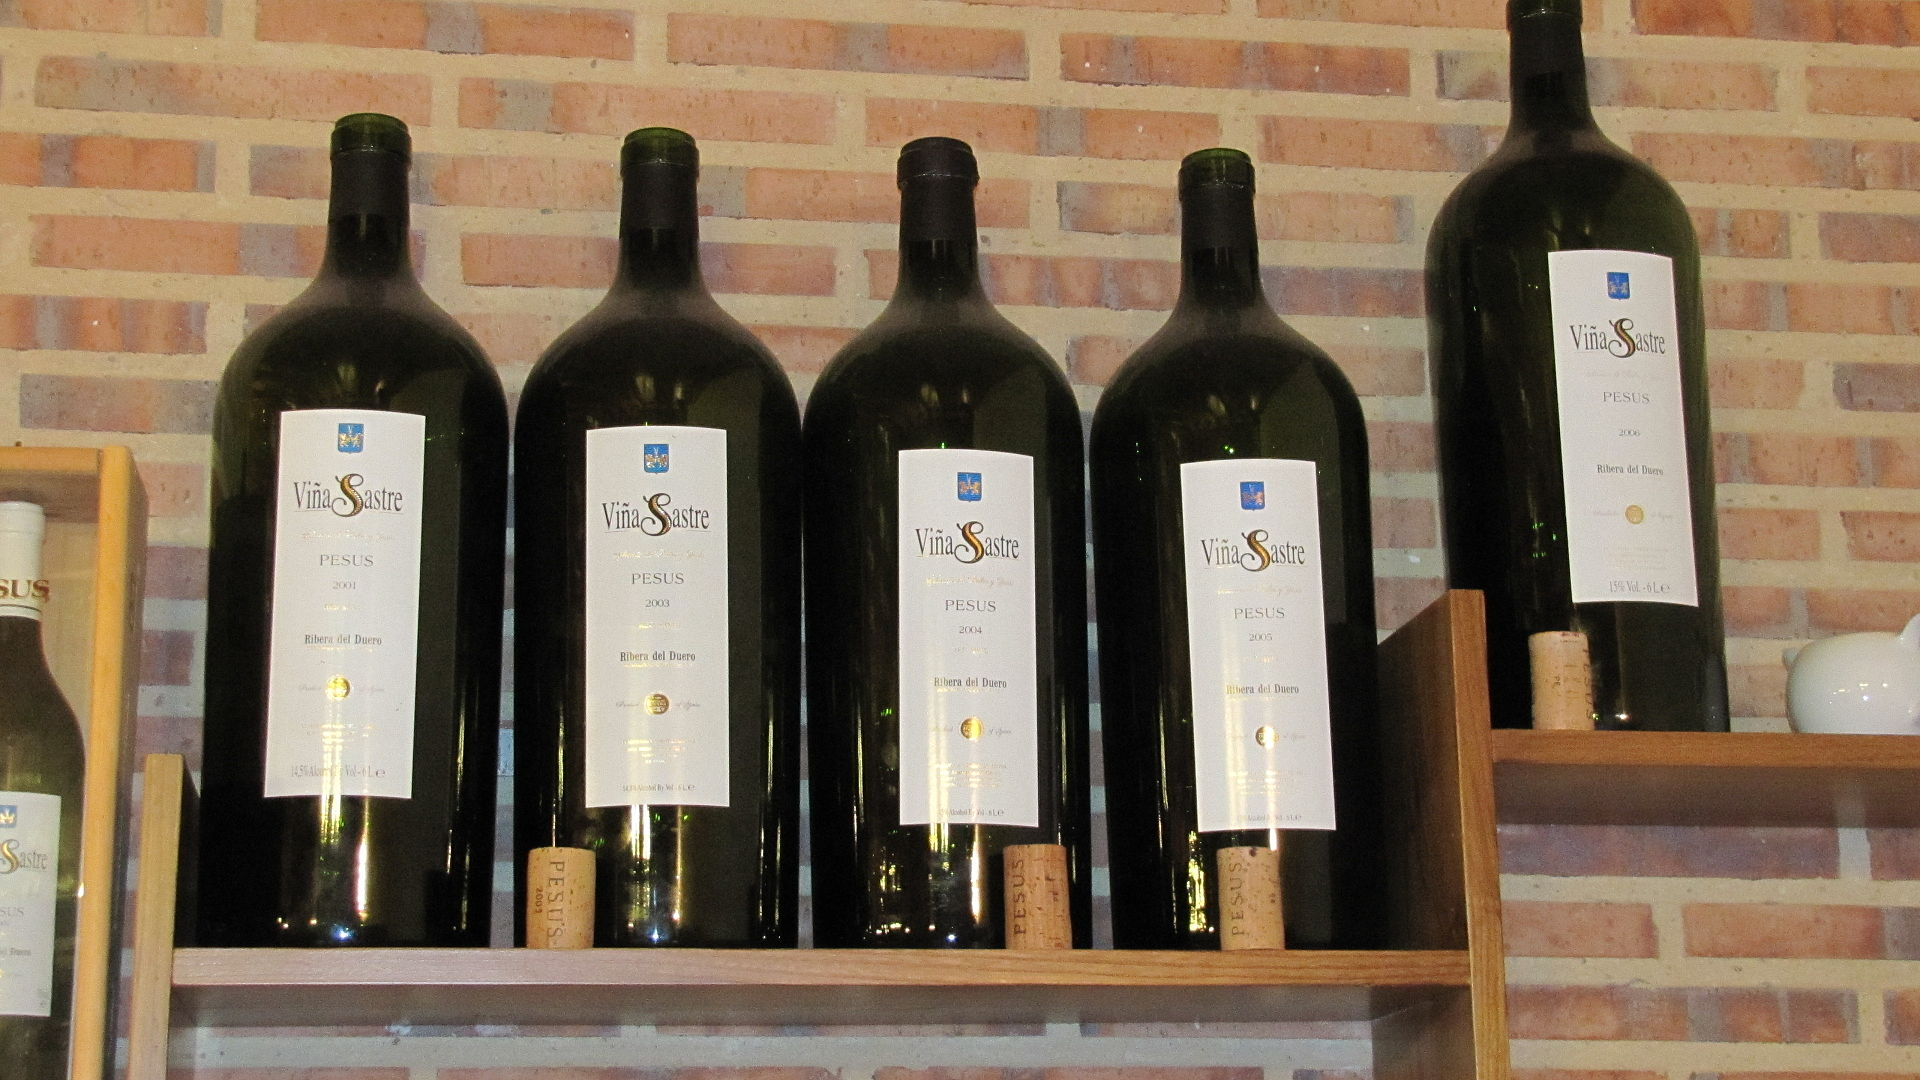 Botella de vino wikipedia la enciclopedia libre - Botelleros de vino ...